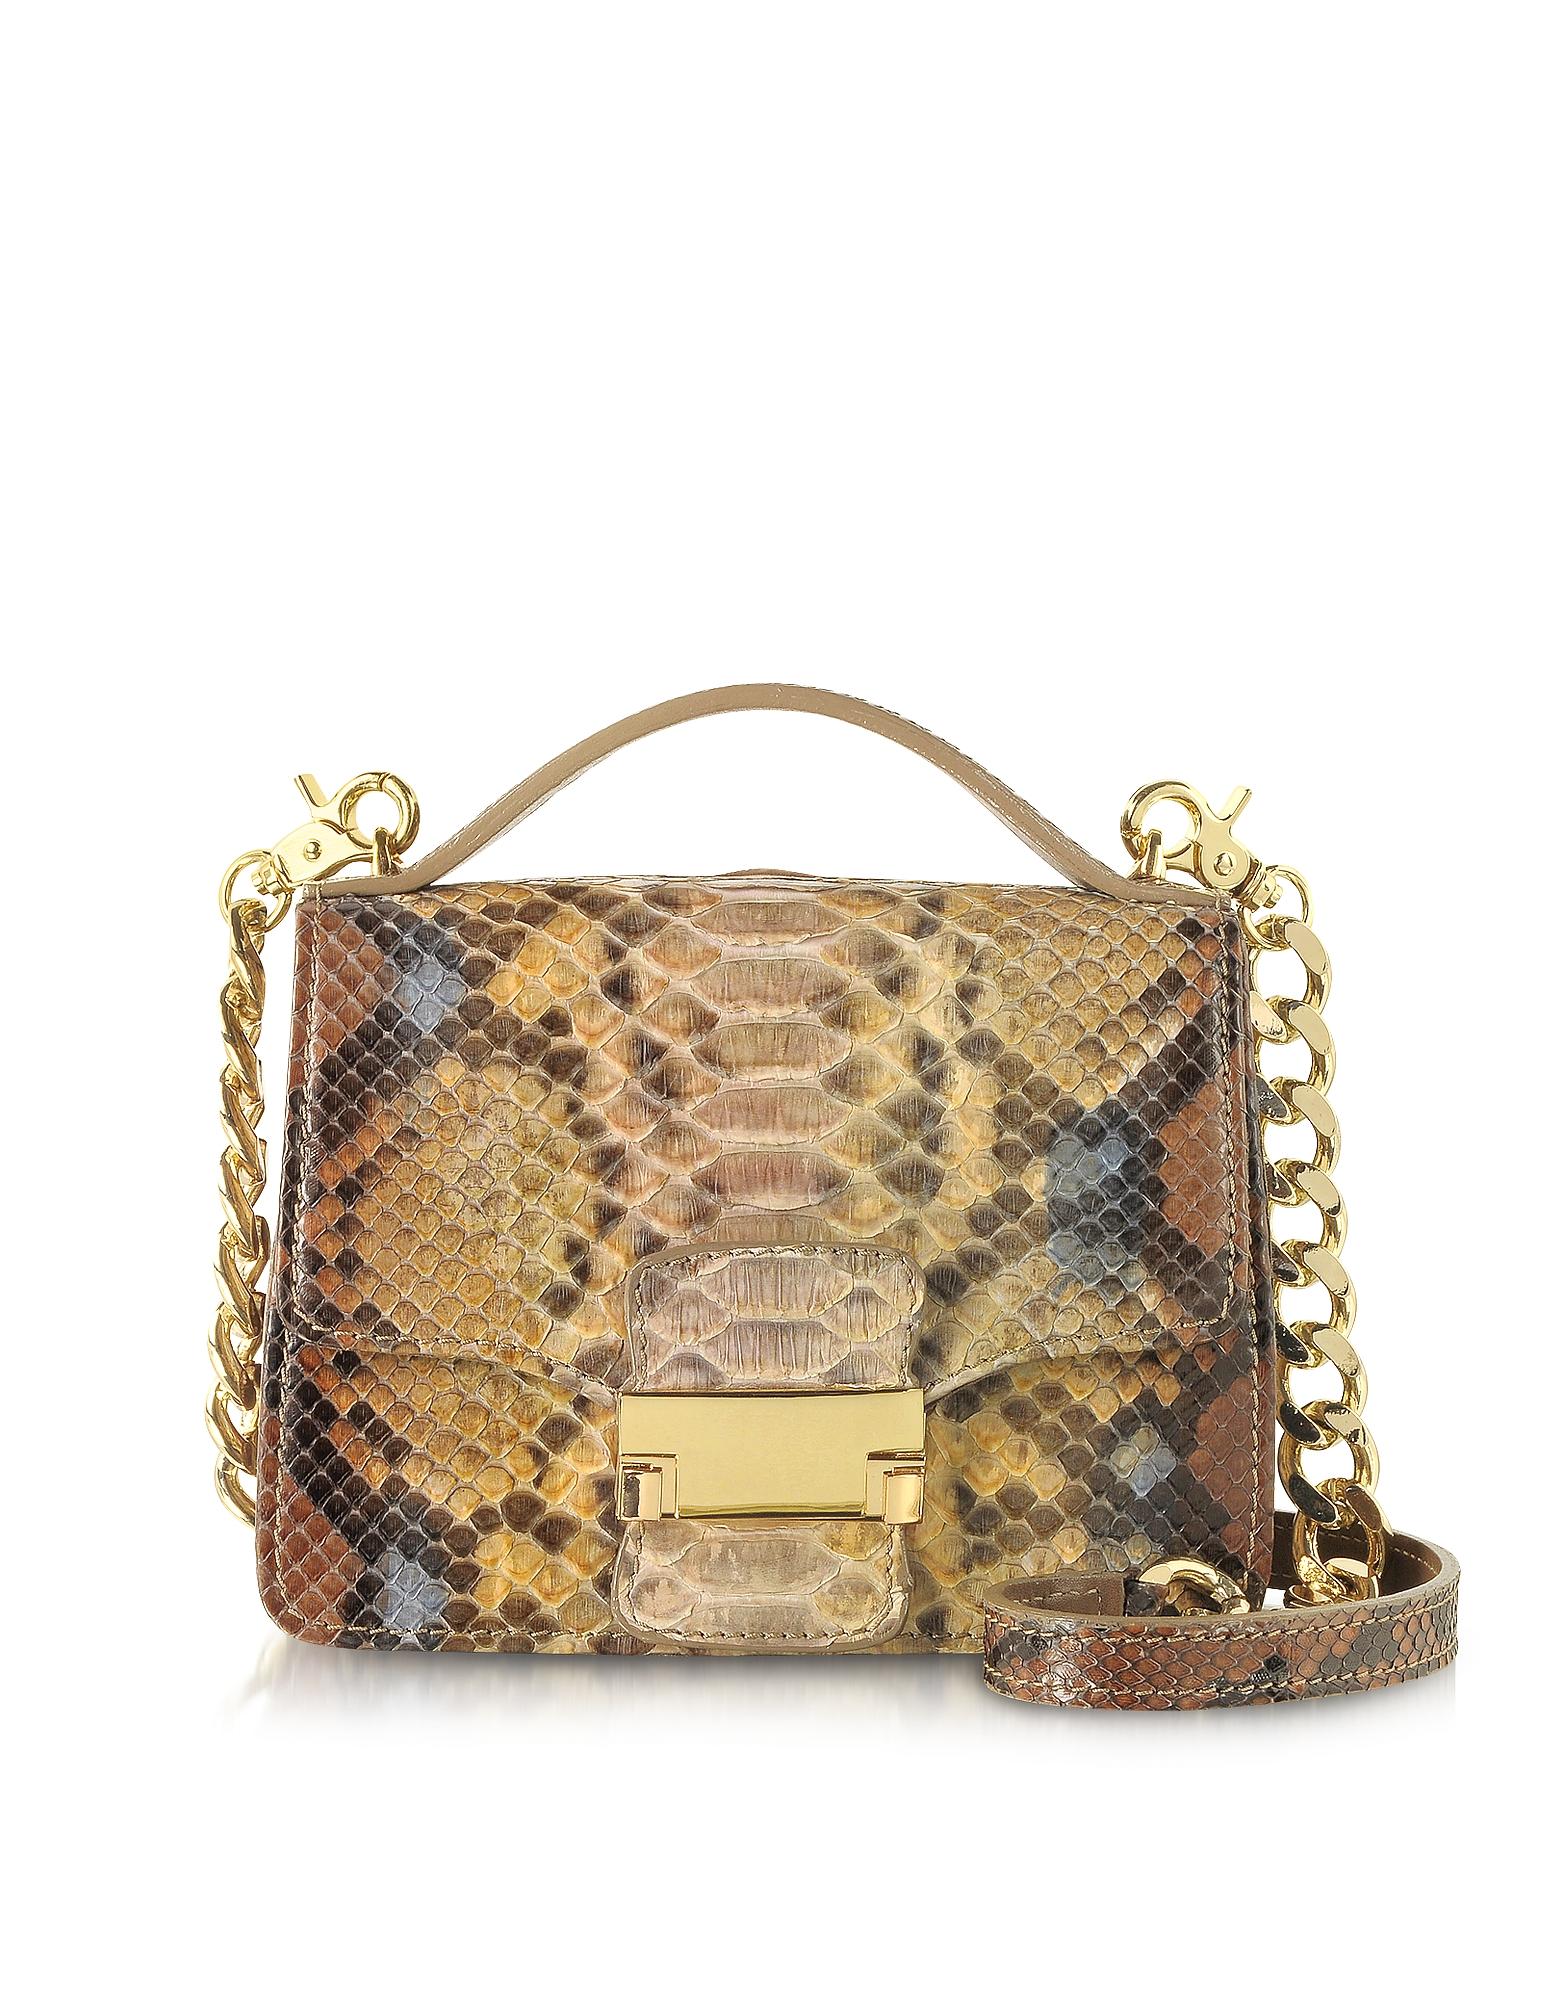 Ghibli Handbags, Golden Python Leather Shoulder Bag